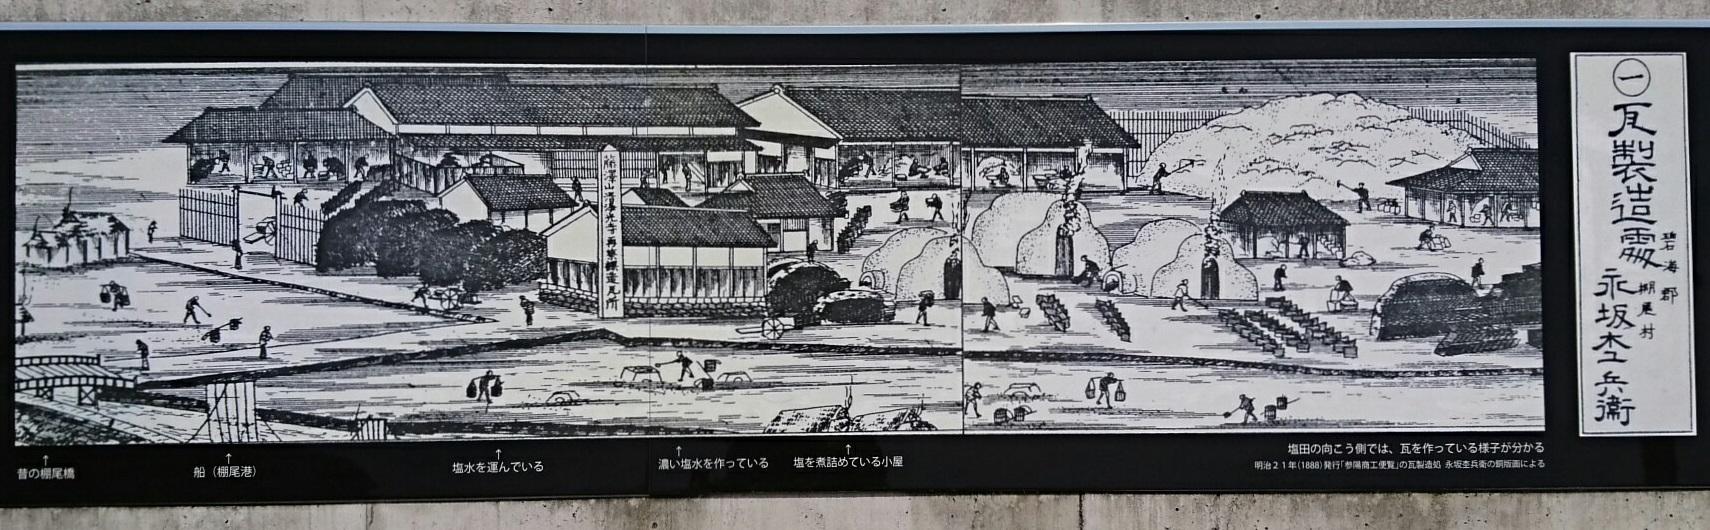 2018.5.20 (37) 塩田がひろがっとった - 銅版画 1710-530